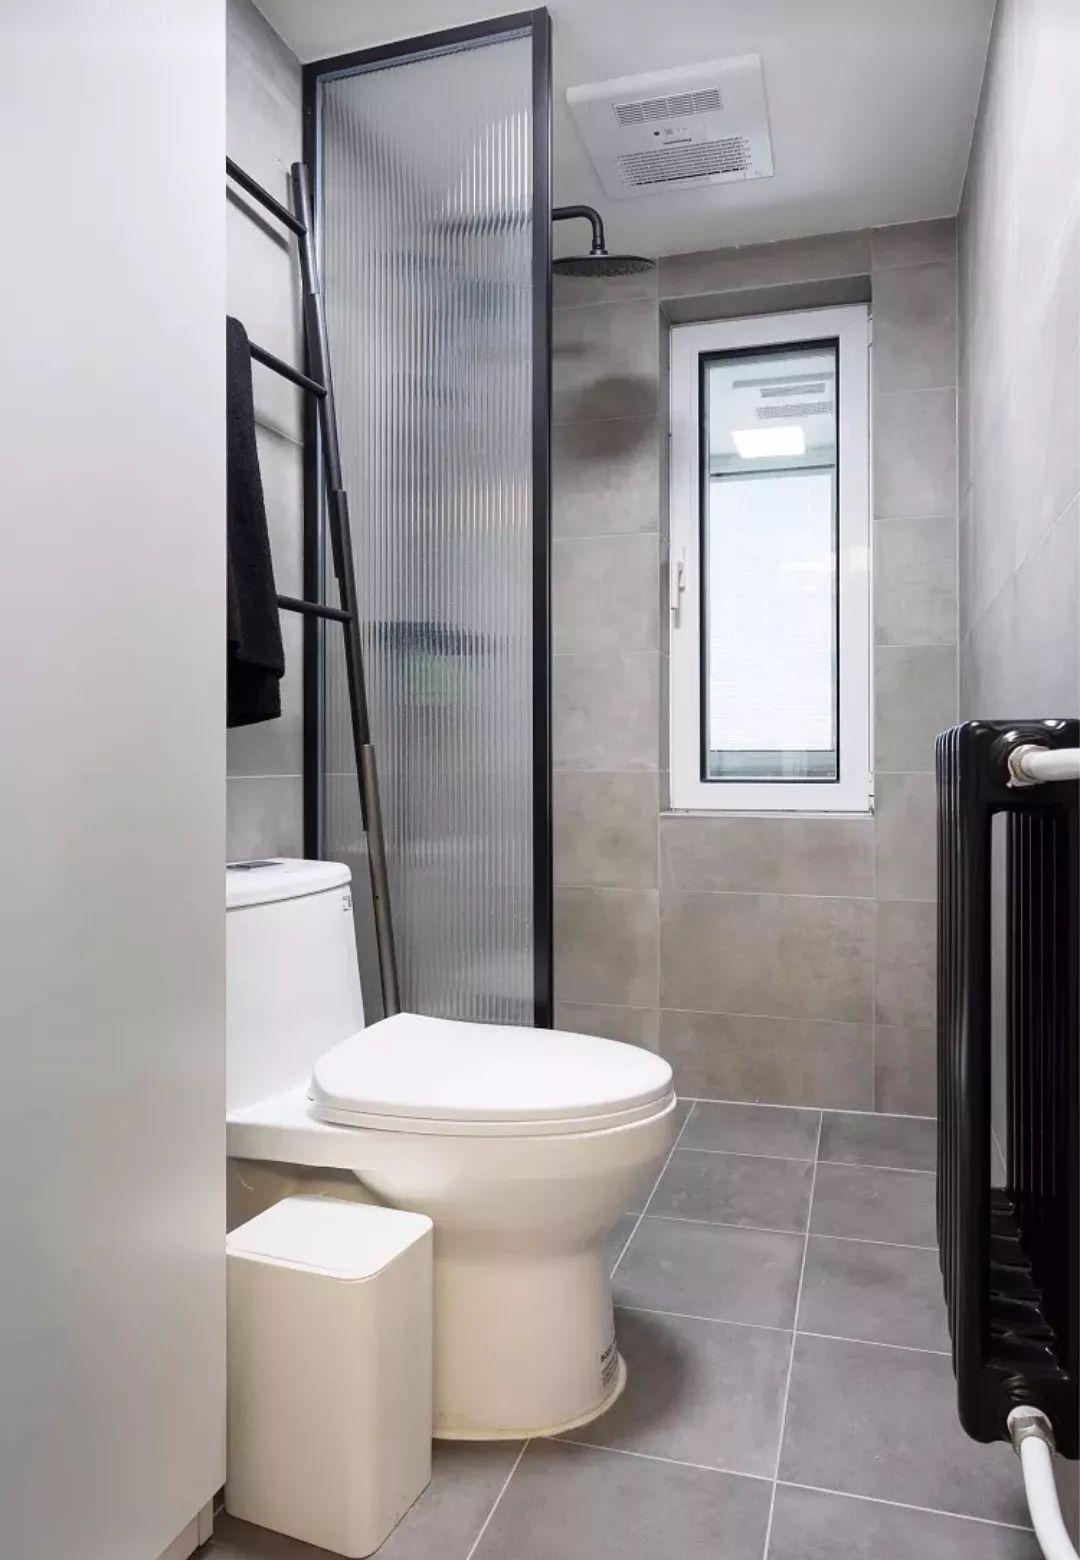 实例分享:4m²卫生间也能做干湿分离,就是这么豪横